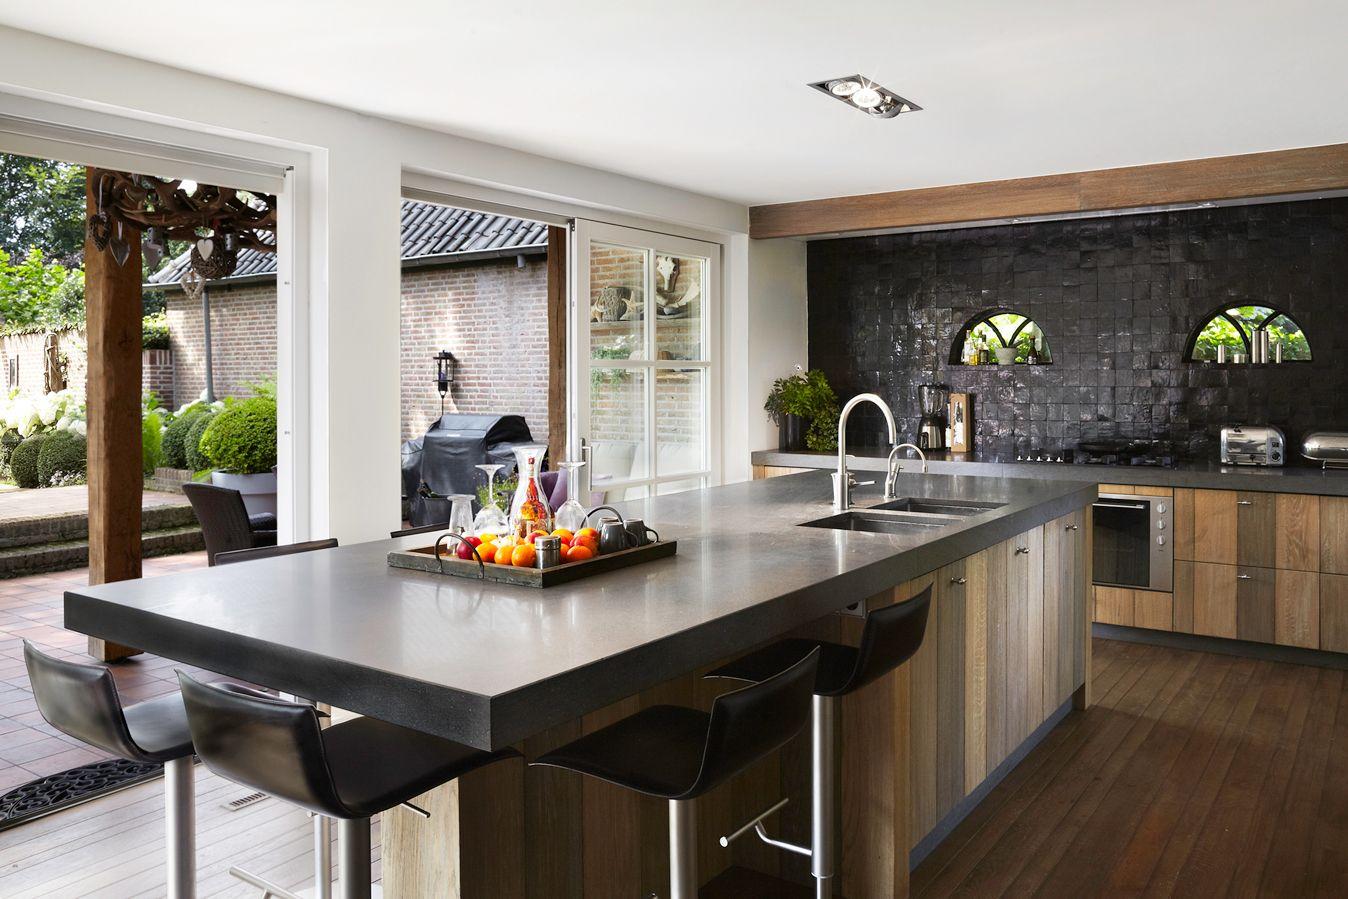 Een heldere indeling van de ruimte uitgevoerd in gelakt hout en